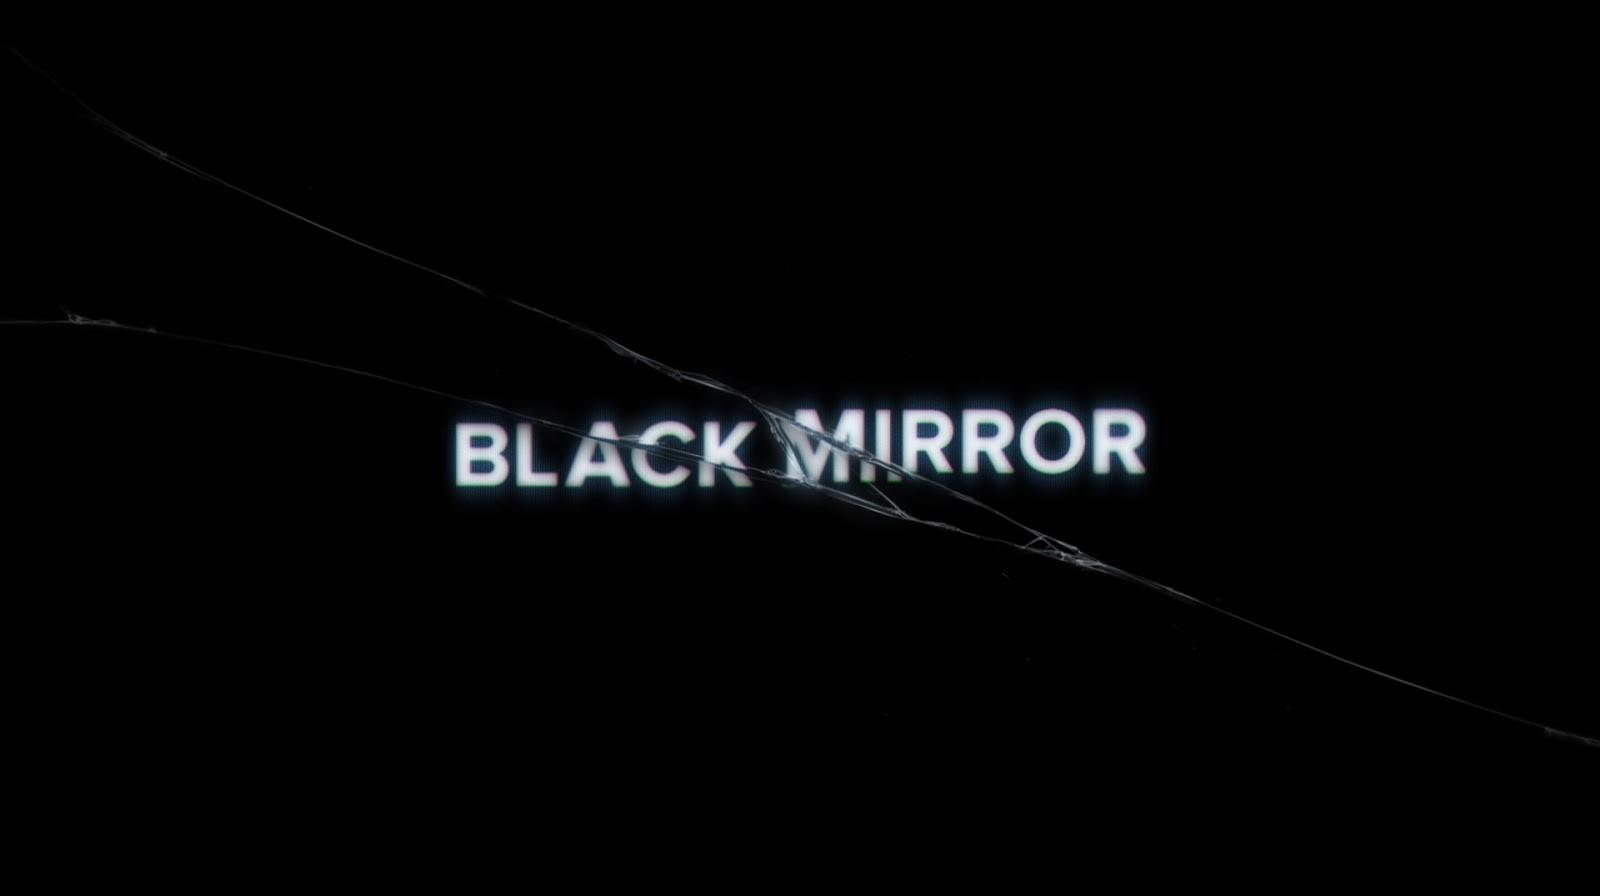 Новые фрагменты «Чёрного зеркала» появятся наNetflix 21октября новость